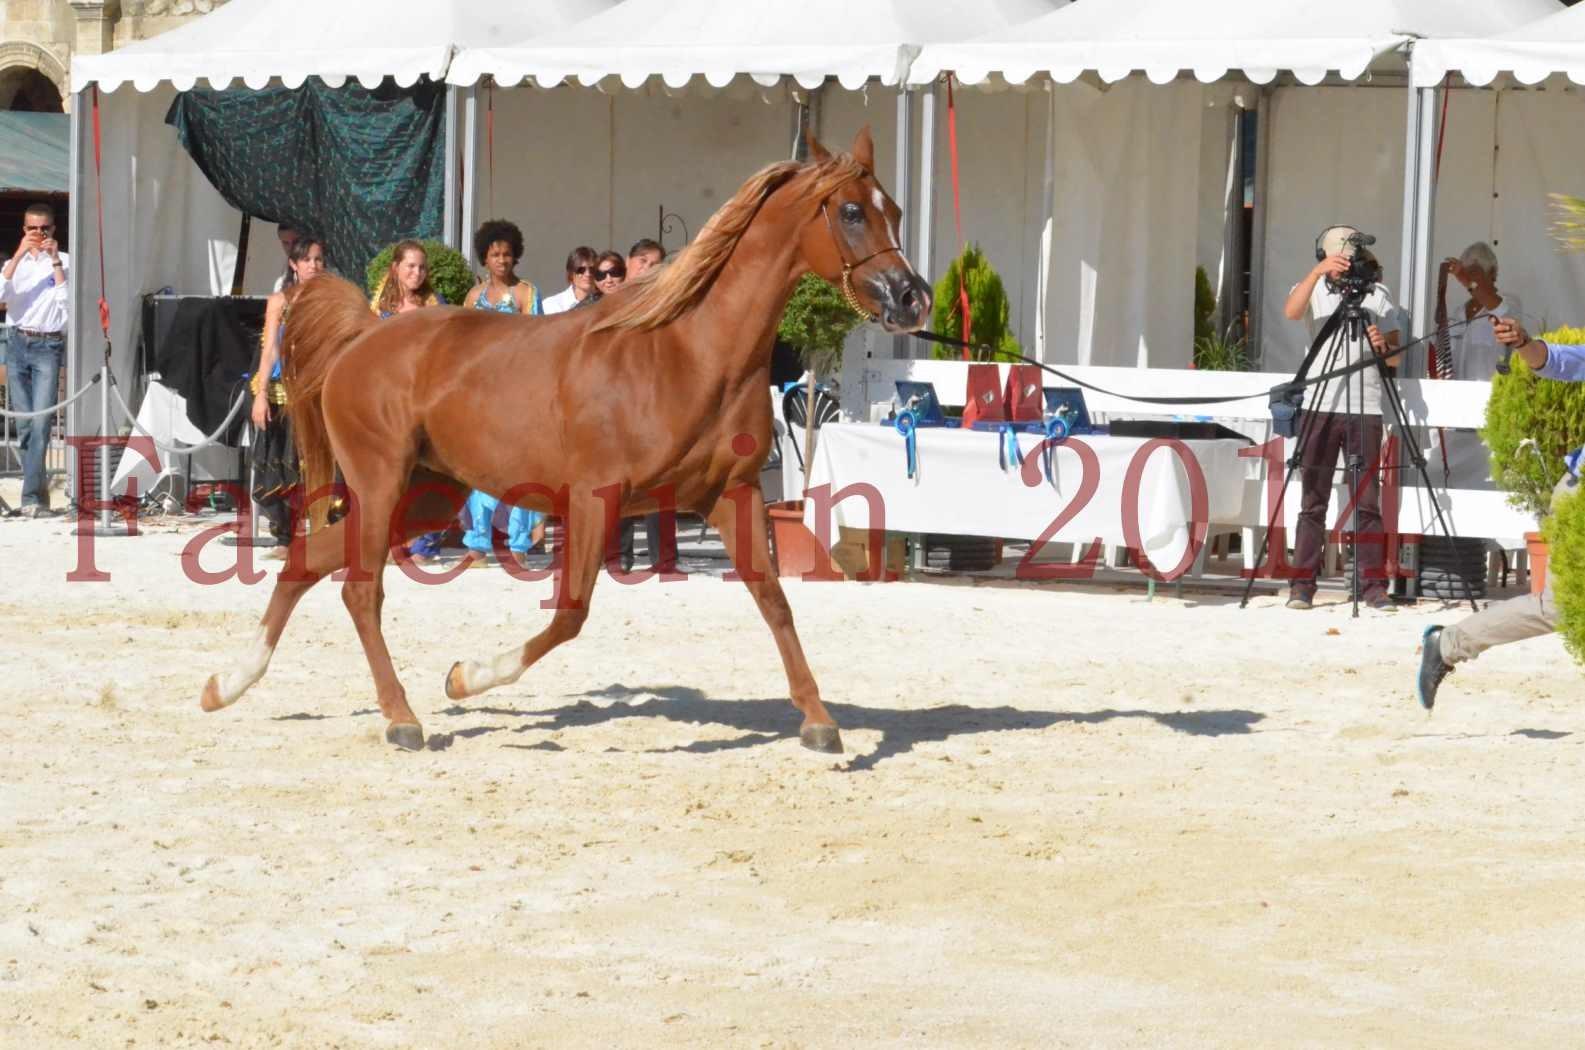 Concours National de Nîmes de chevaux ARABES 2014 - Championnat - MASSAI DE BARREL - 77